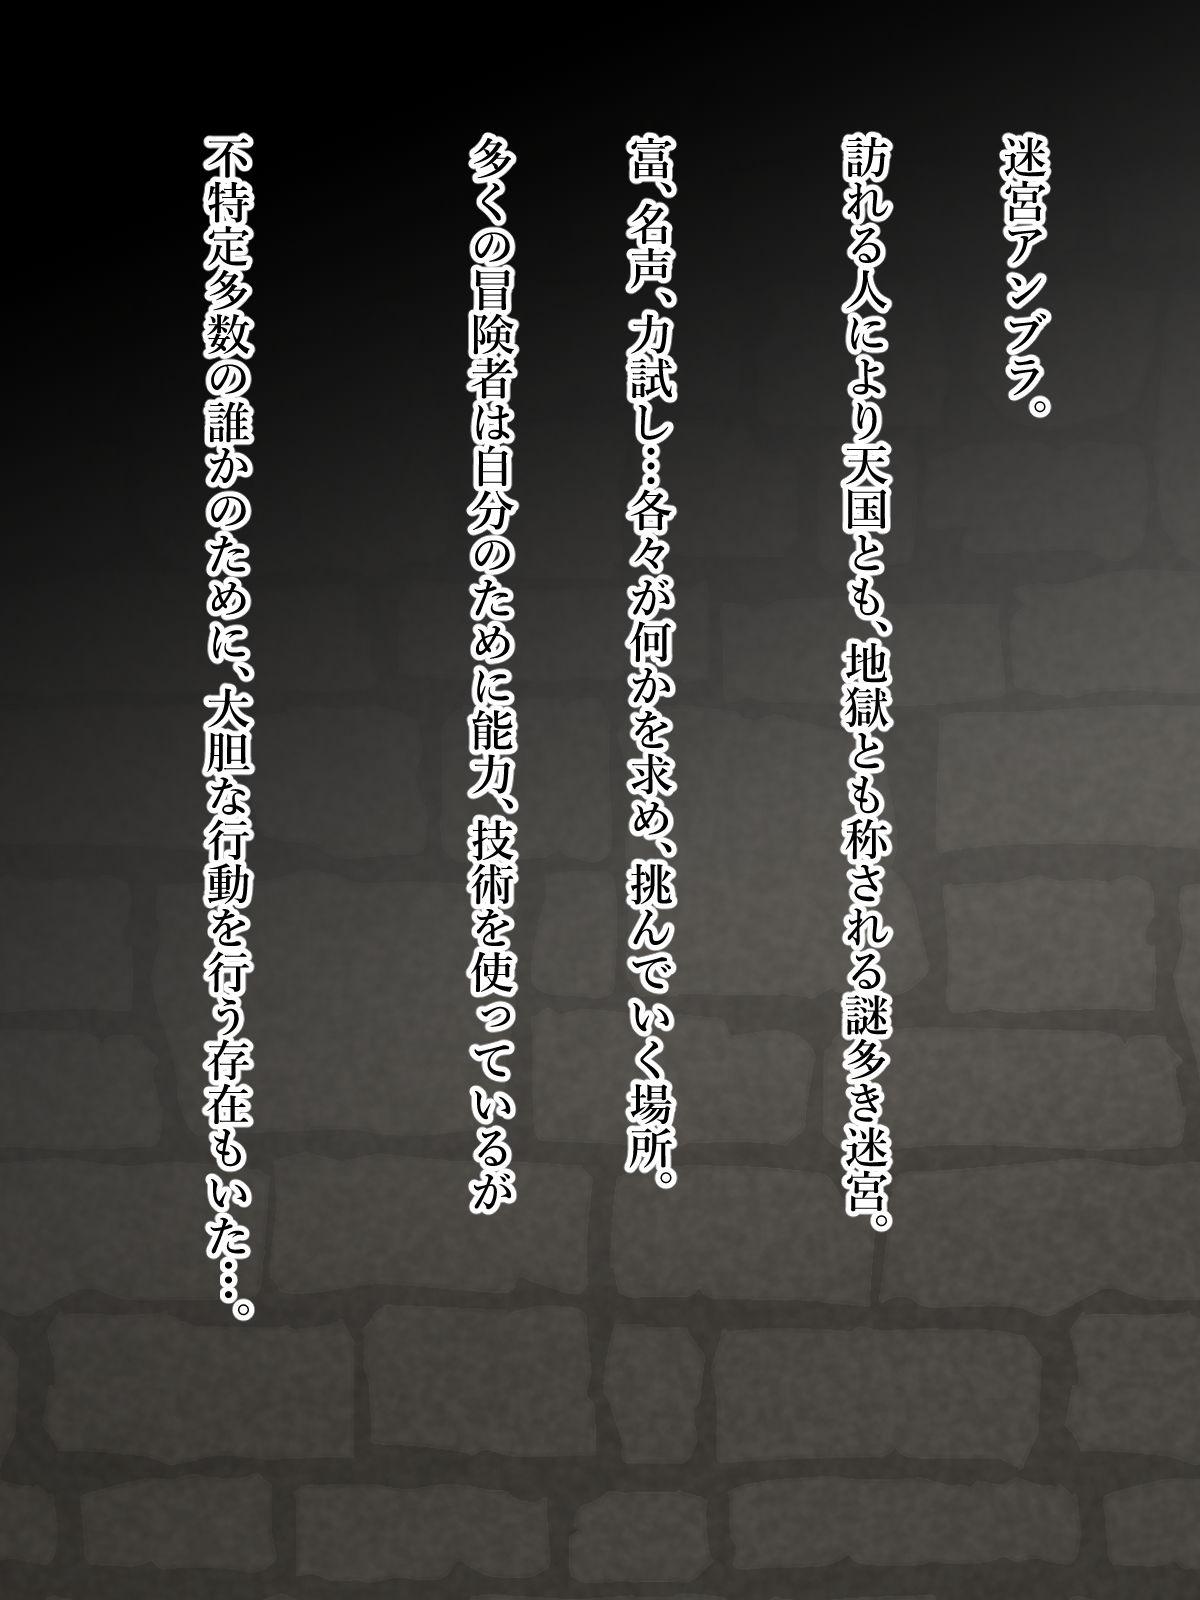 人喰迷宮Umbra -治癒士クレアの場合- エロ画像